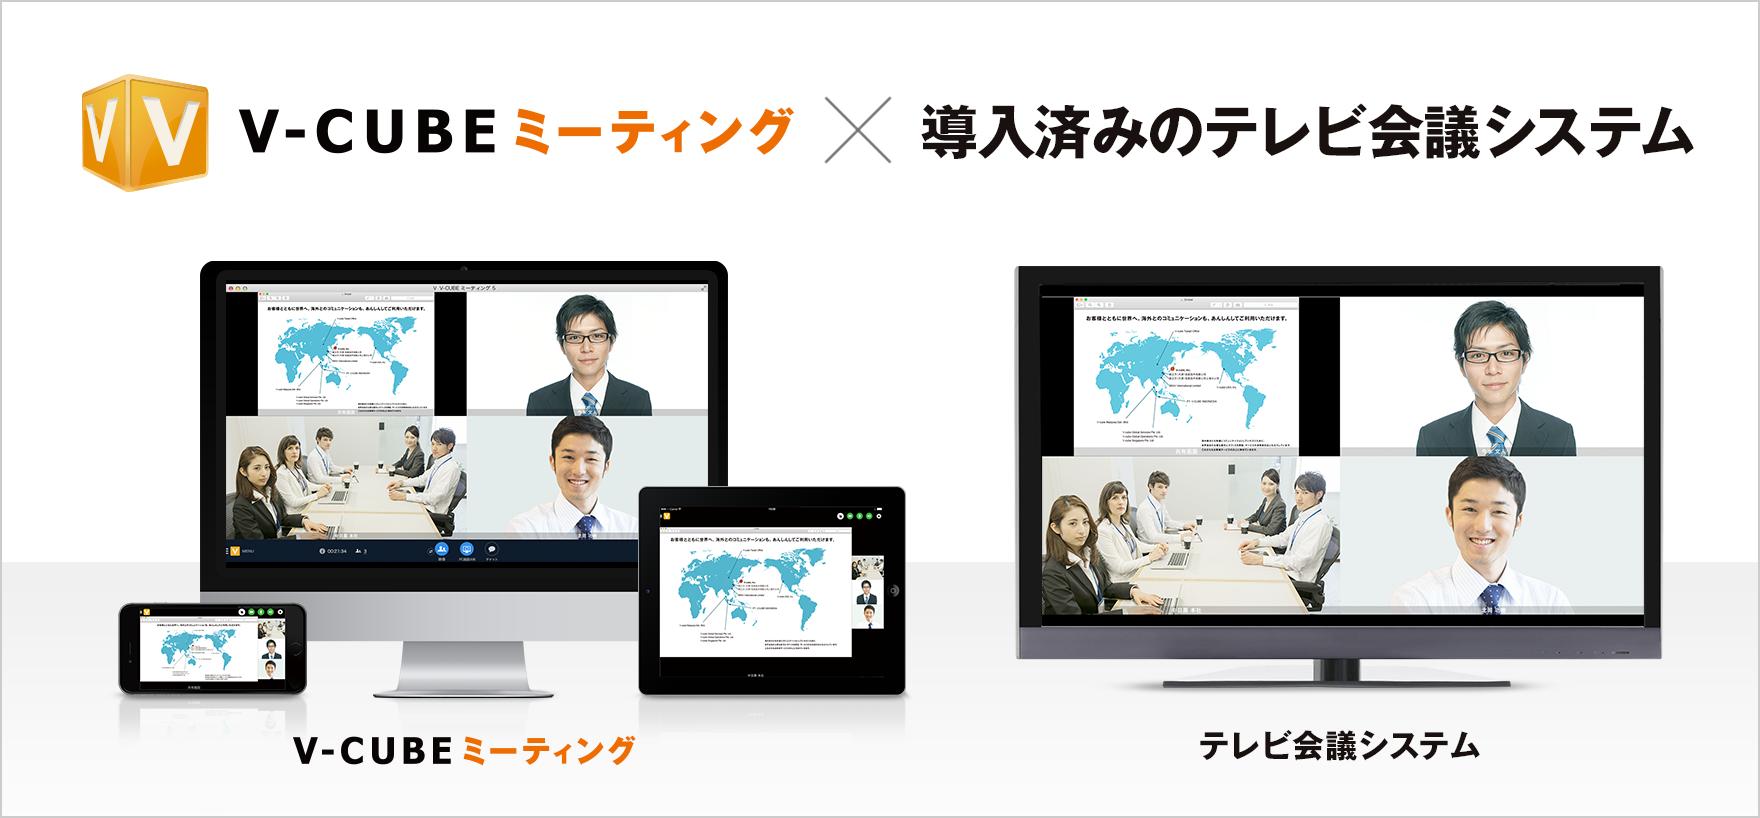 Web会議×テレビ会議の連携